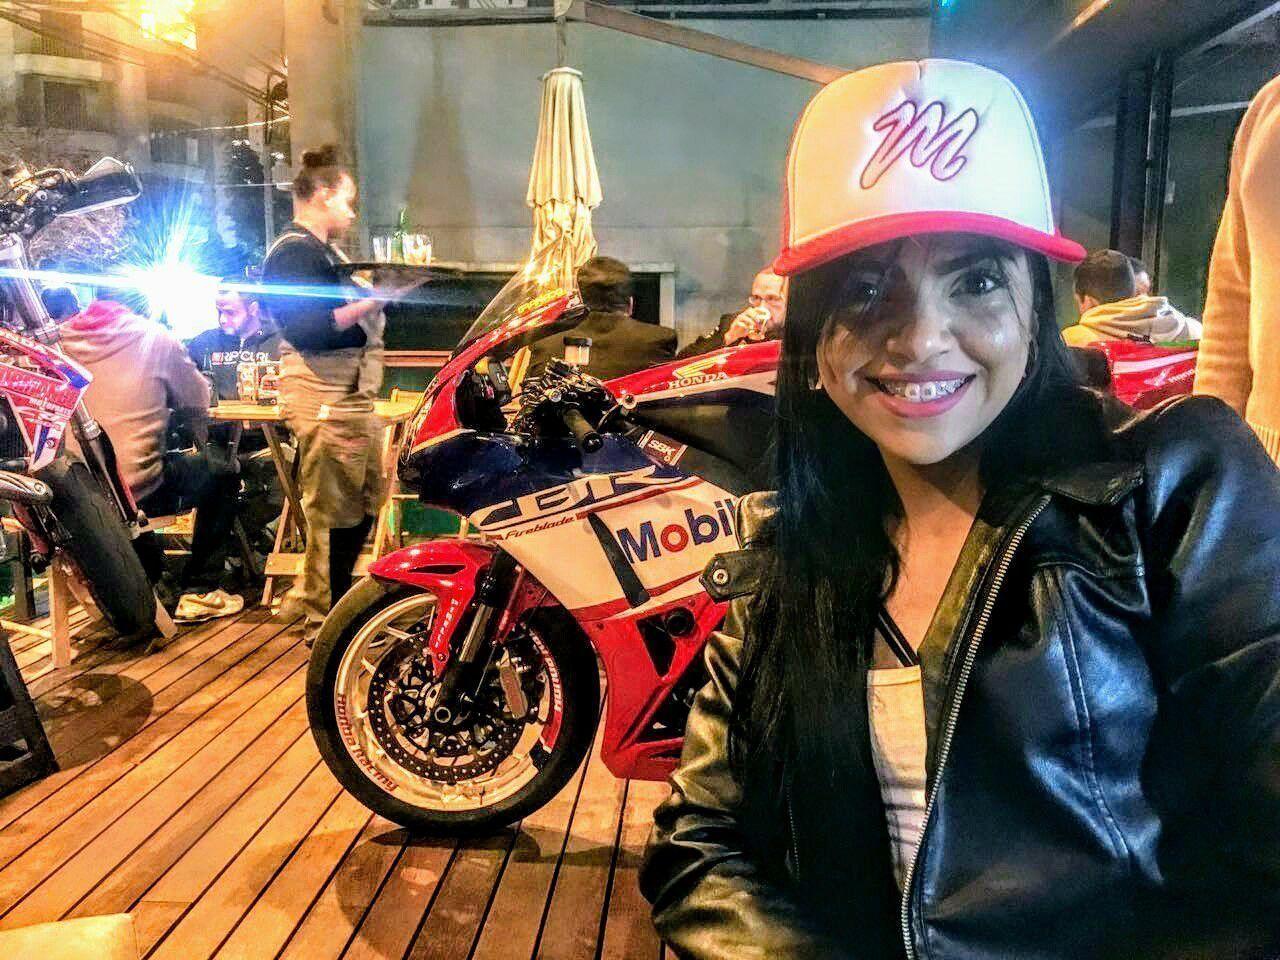 fran-bueno-da-moto-sports-7944952